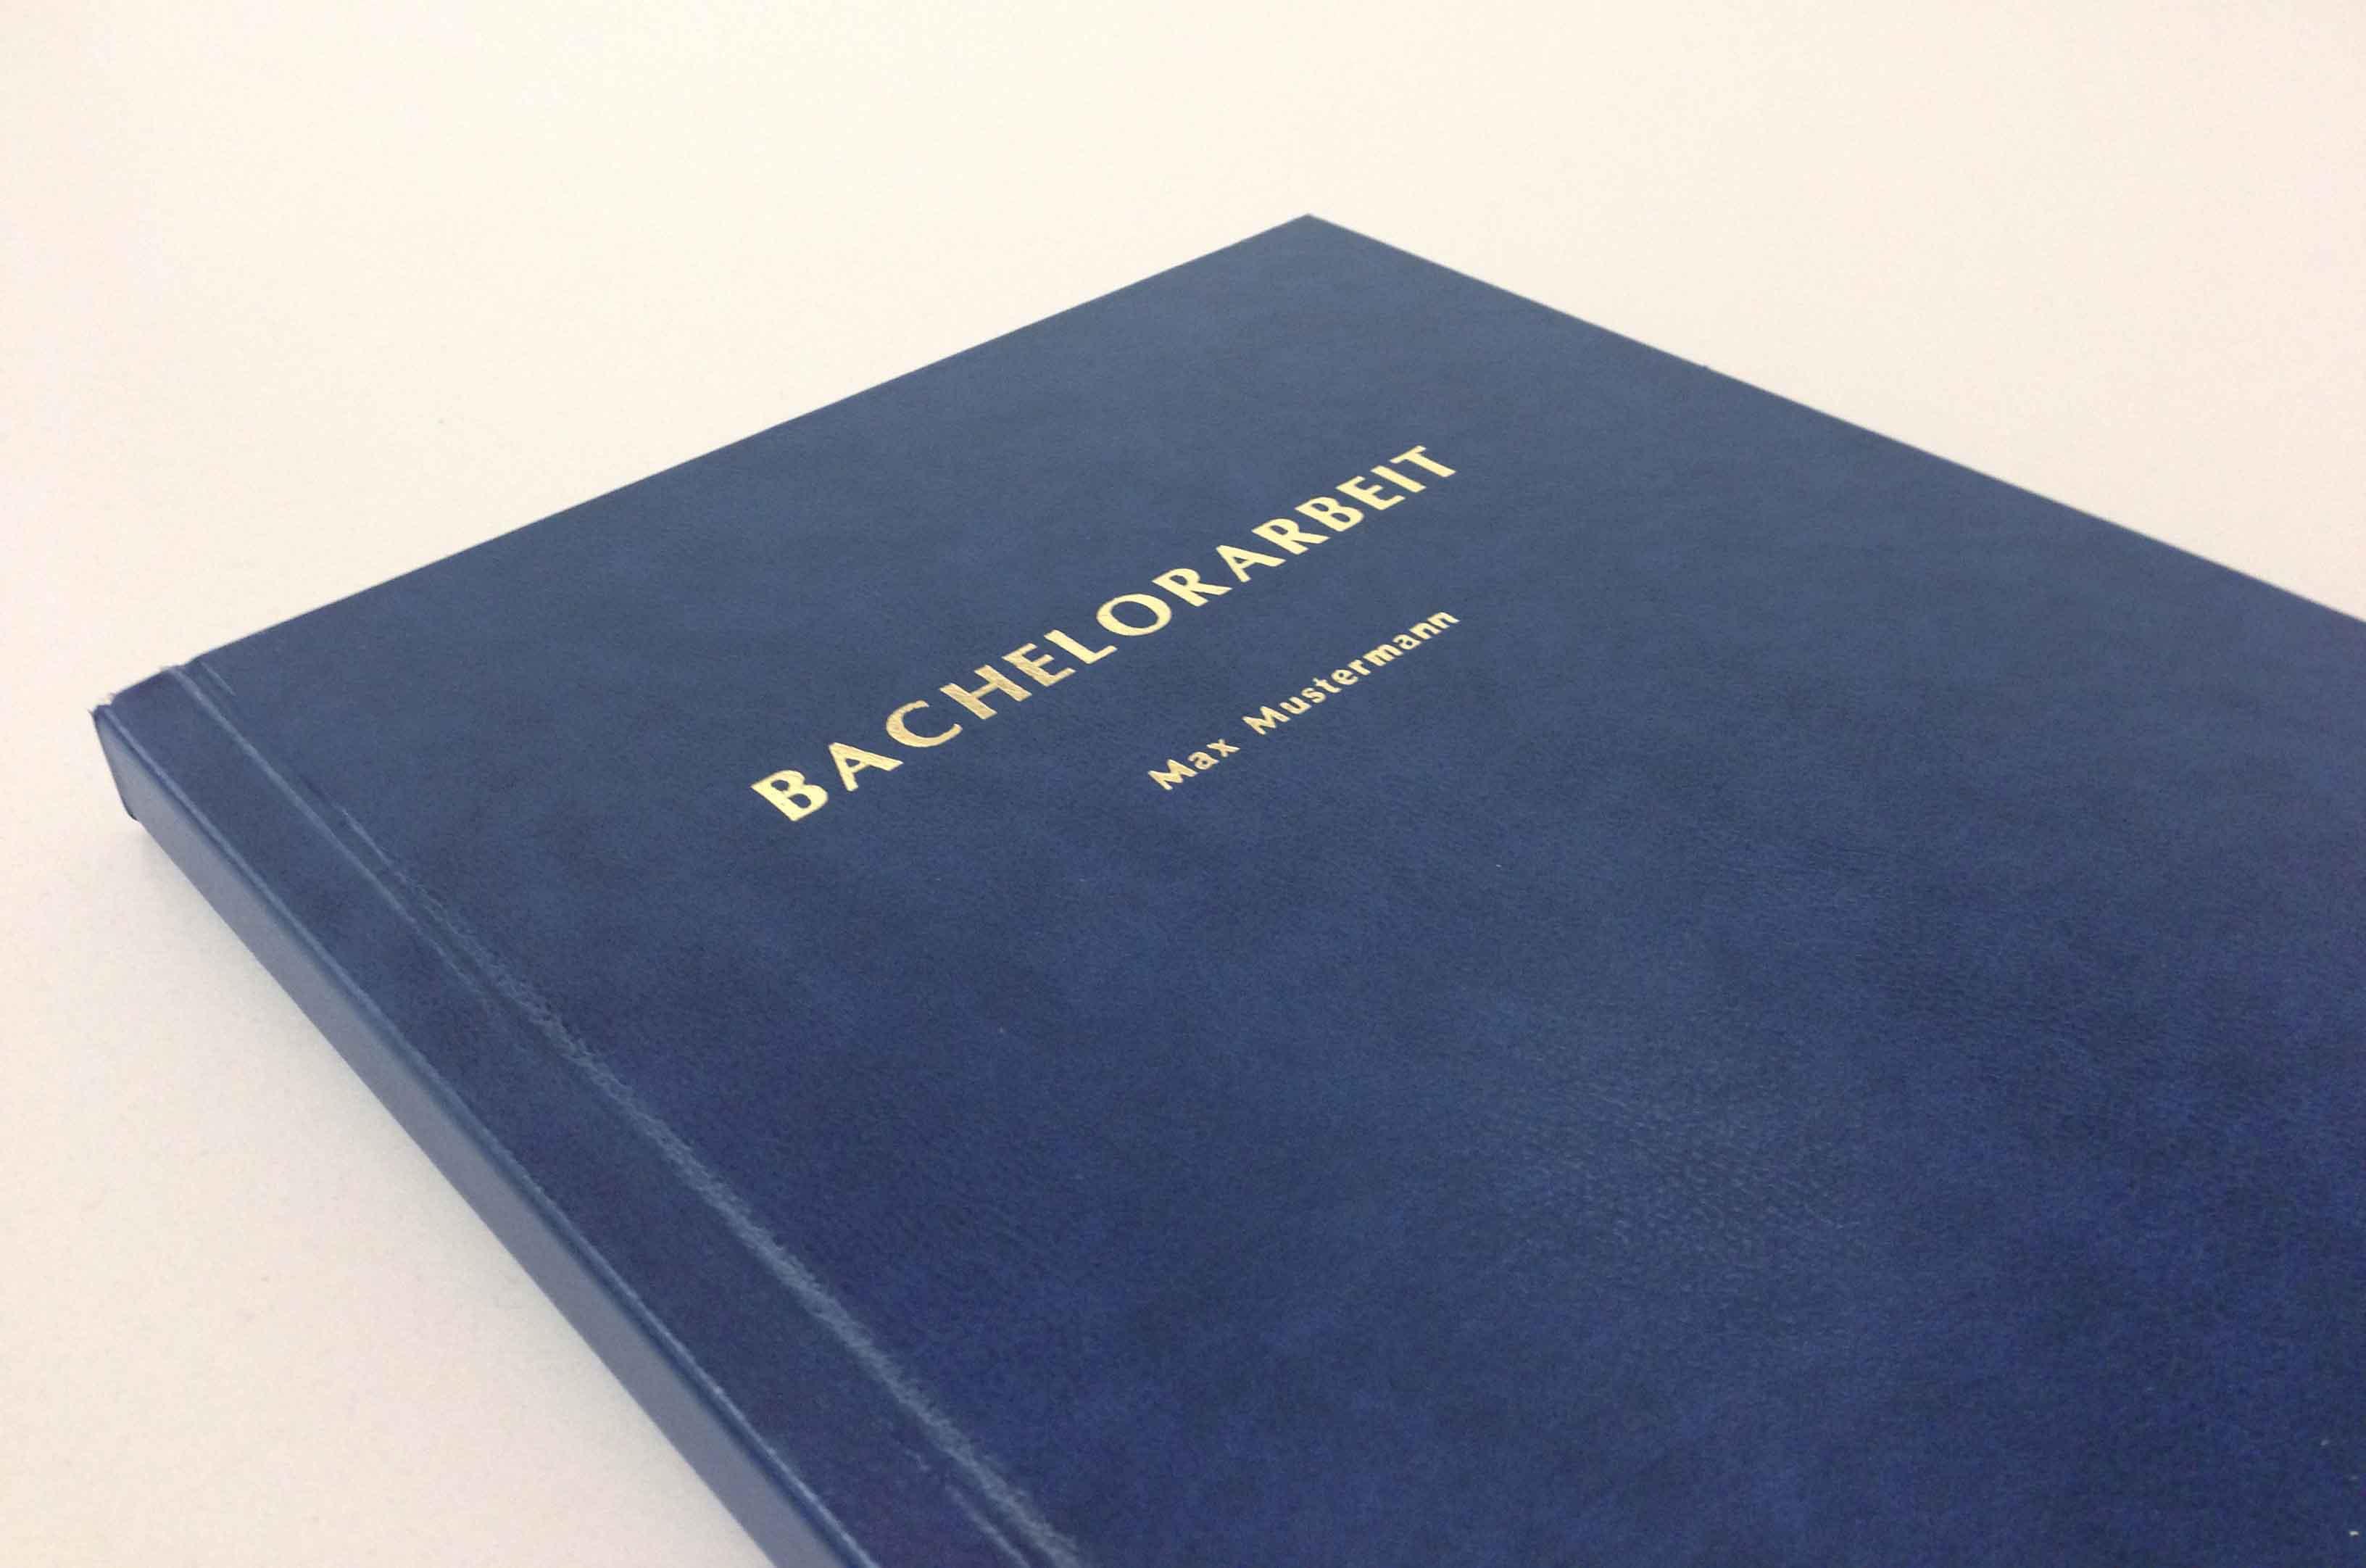 dissertation binden hardcover Bachelorarbeit drucken & binden wir extrem schnell & günstig sofort zum  der  stadt köln und umgebung drucken, binden & prägen wir alle hardcover und   für druck & bindung von bachelorarbeit, diplomarbeit, dissertation, hausarbeit,.